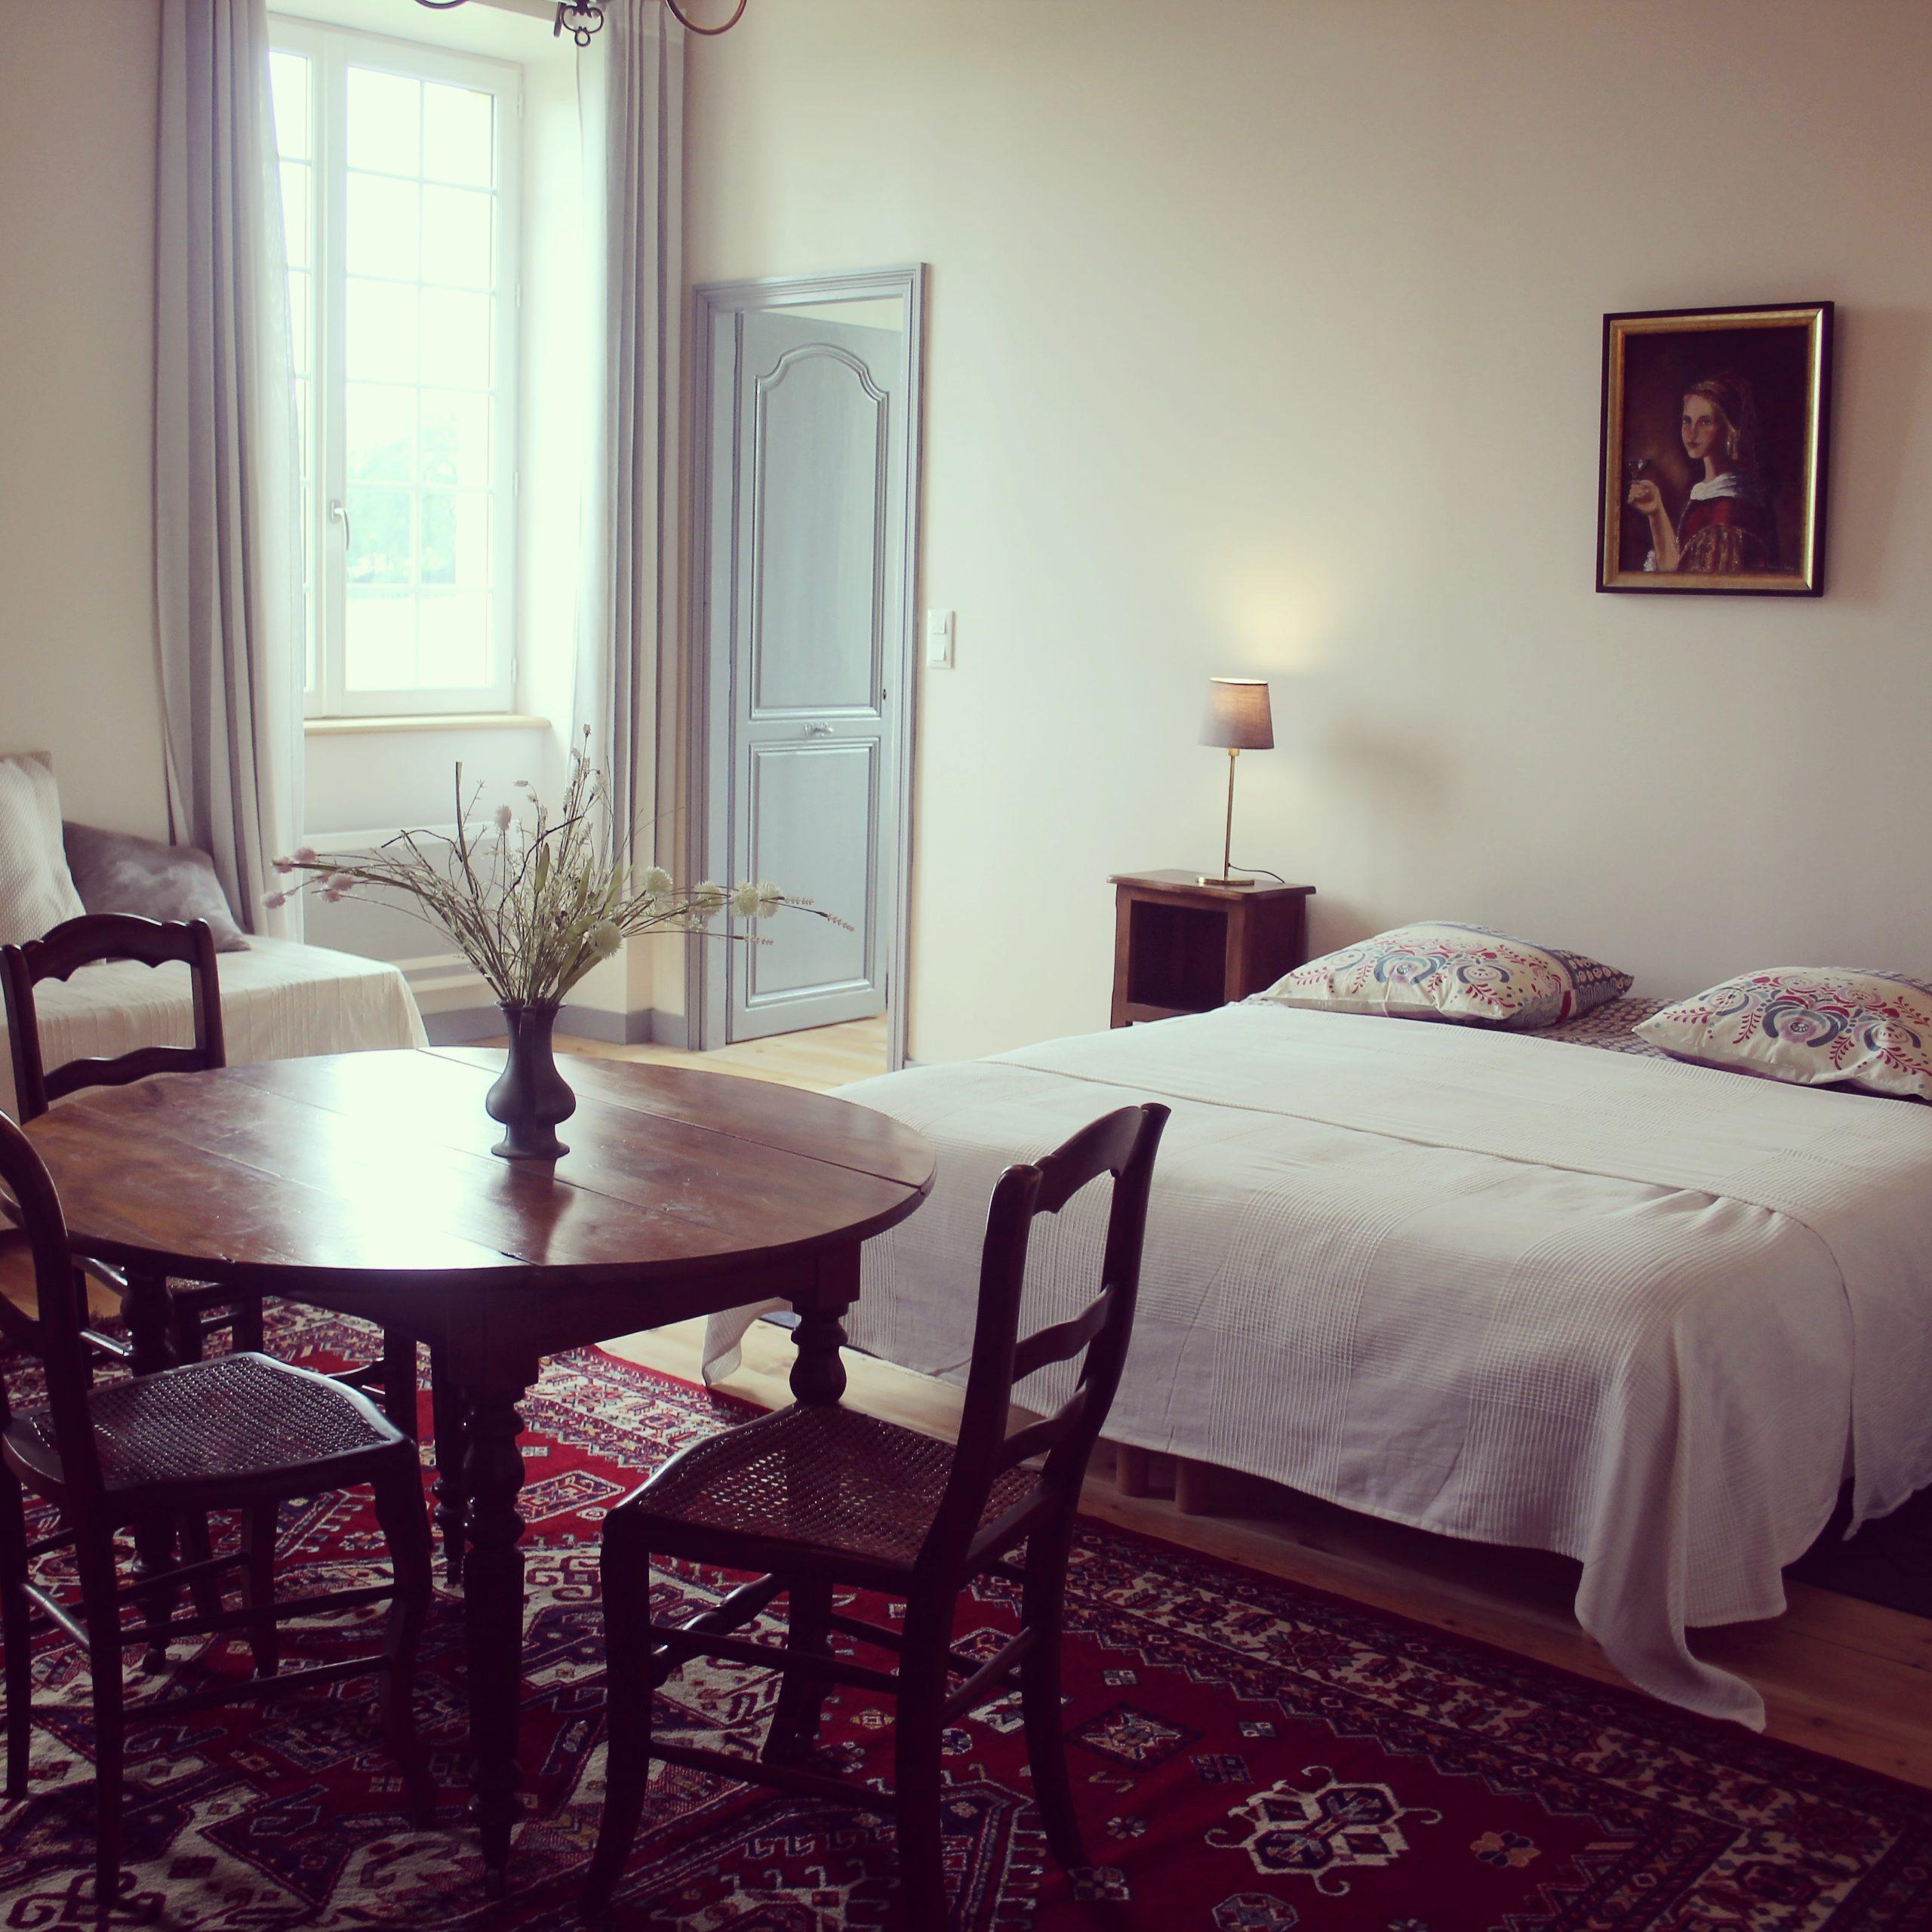 chambre d'hote coté terrasse chateau bessan